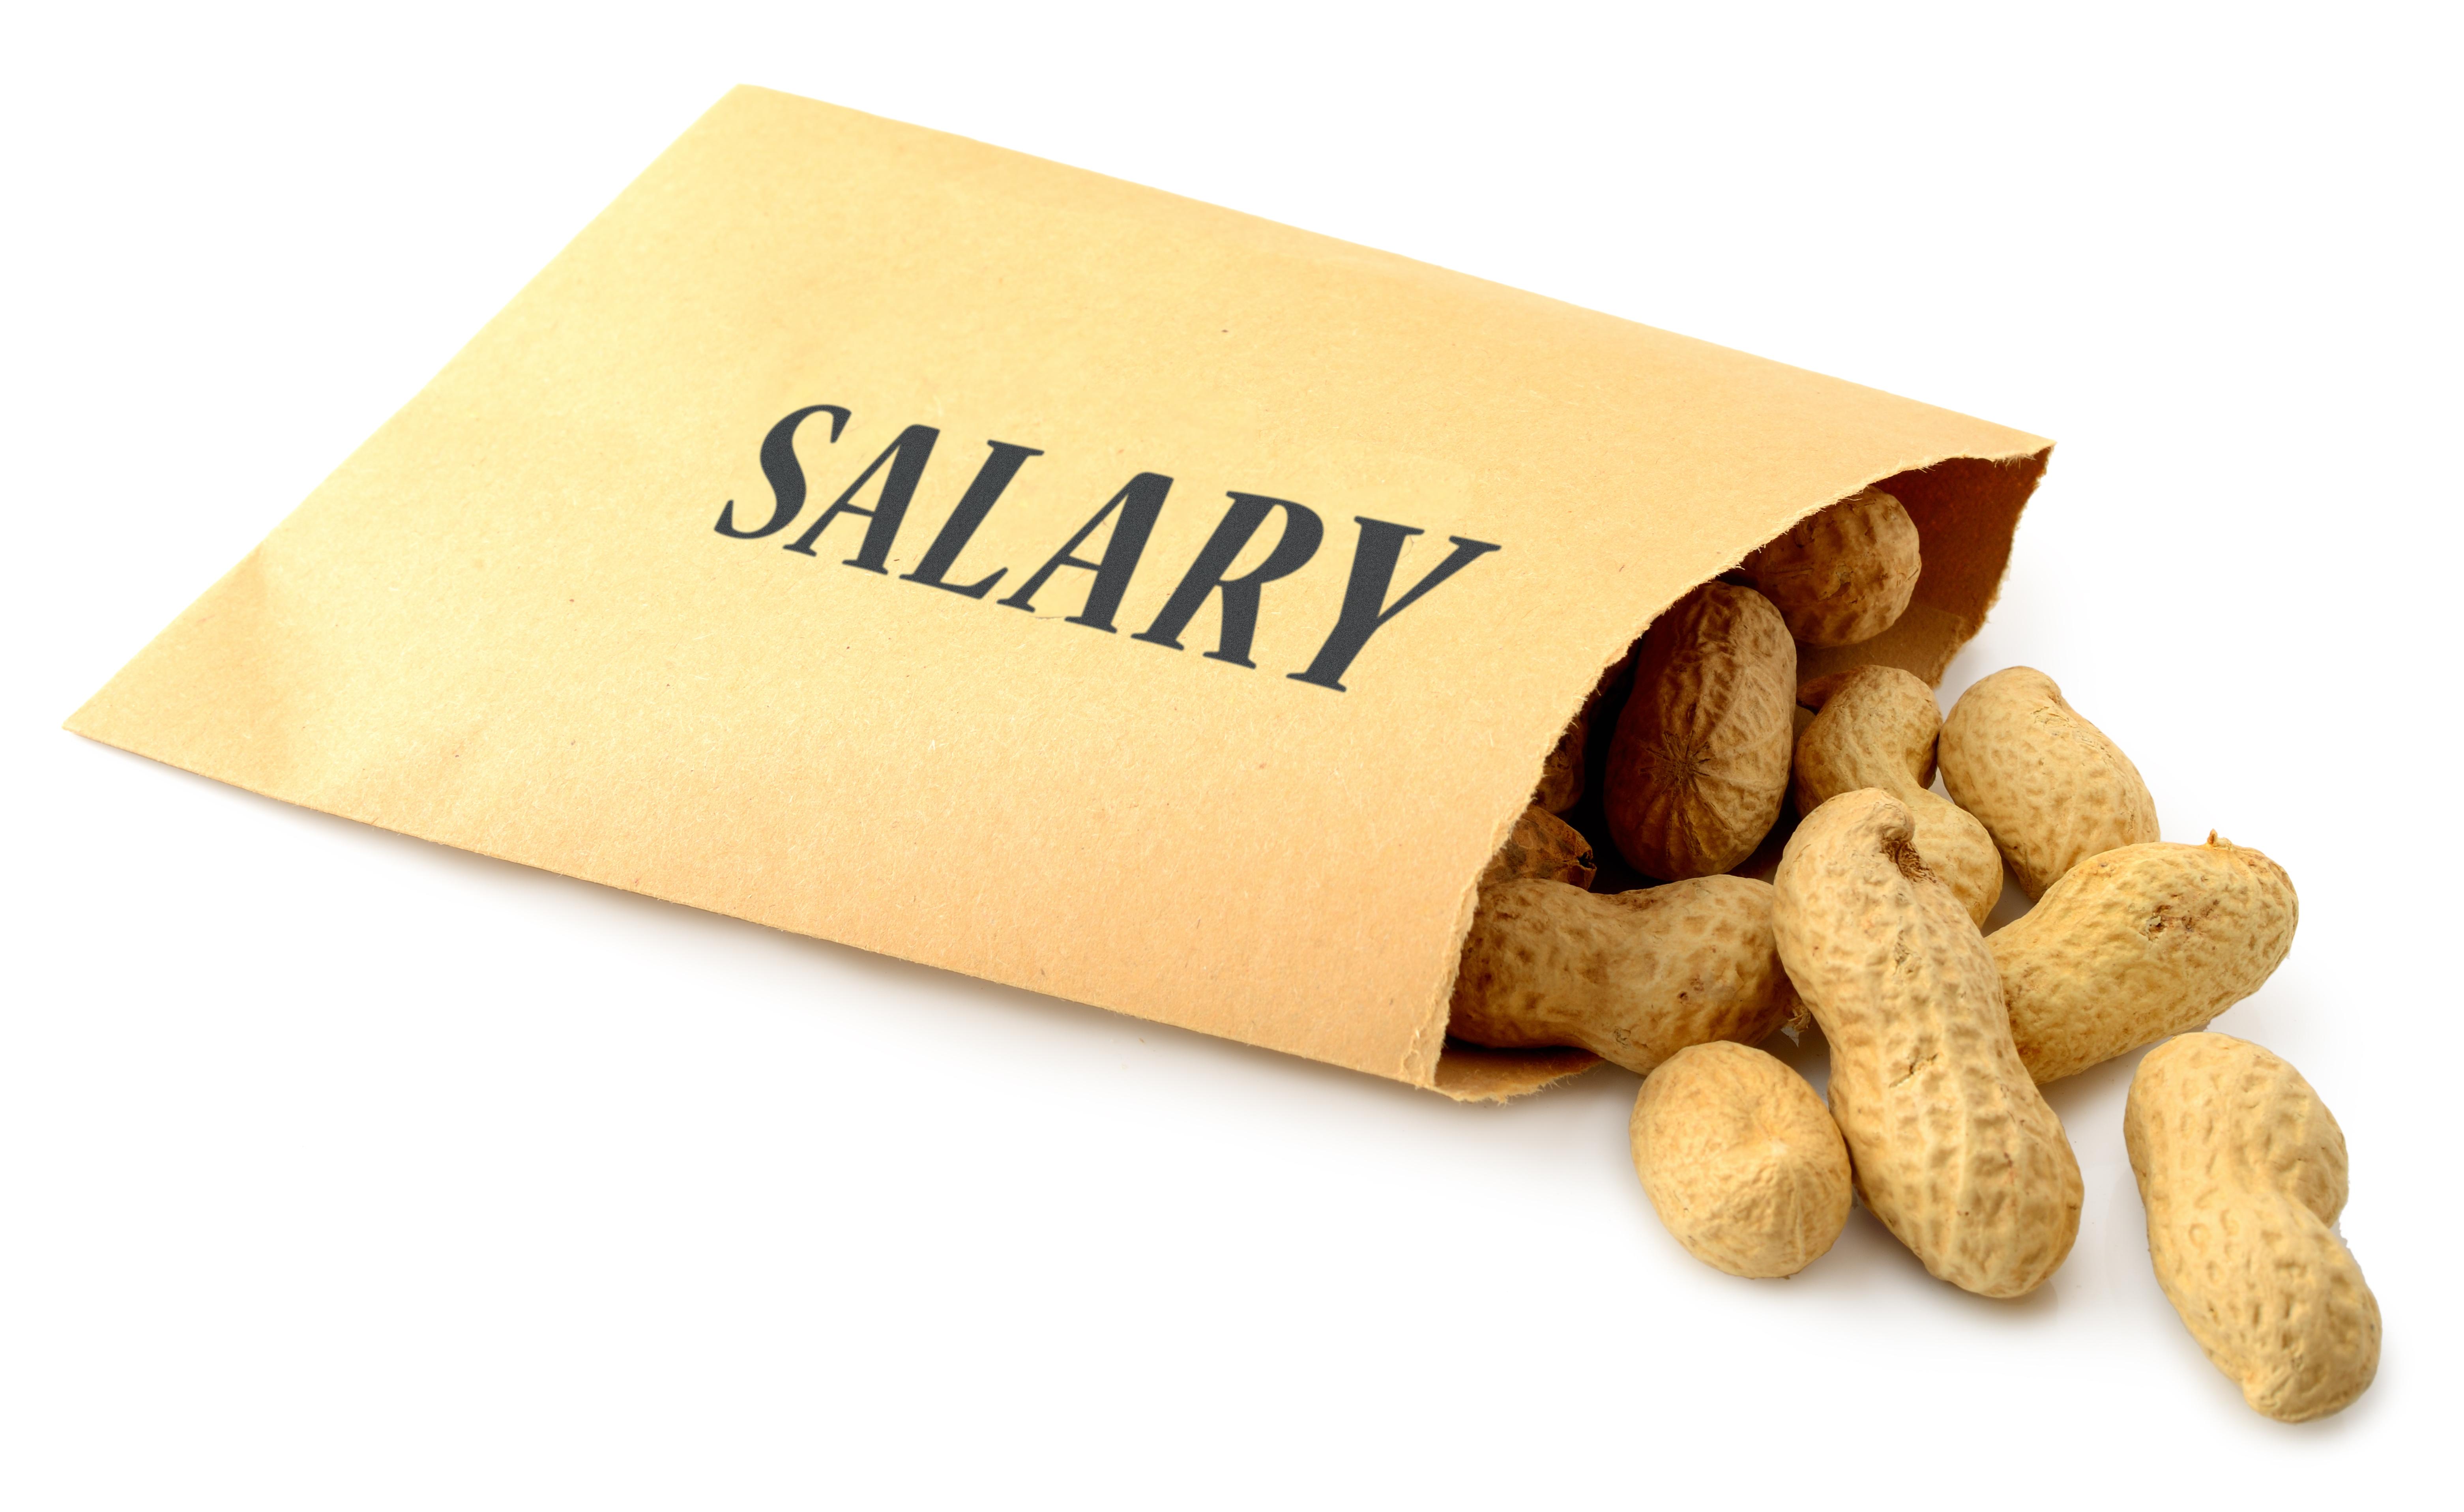 Servitù e padronato. Contratto sociale e repressione salariale in Italia